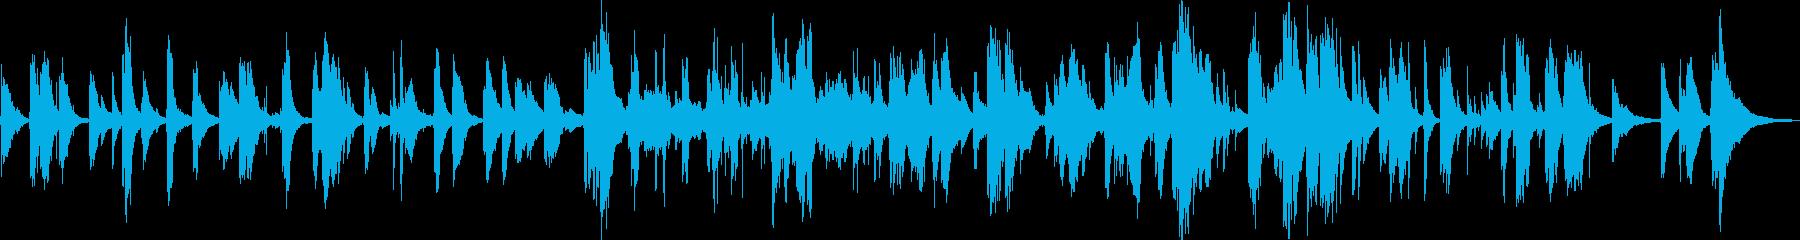 ピアノ~アメイジンググレイス愛のささやきの再生済みの波形